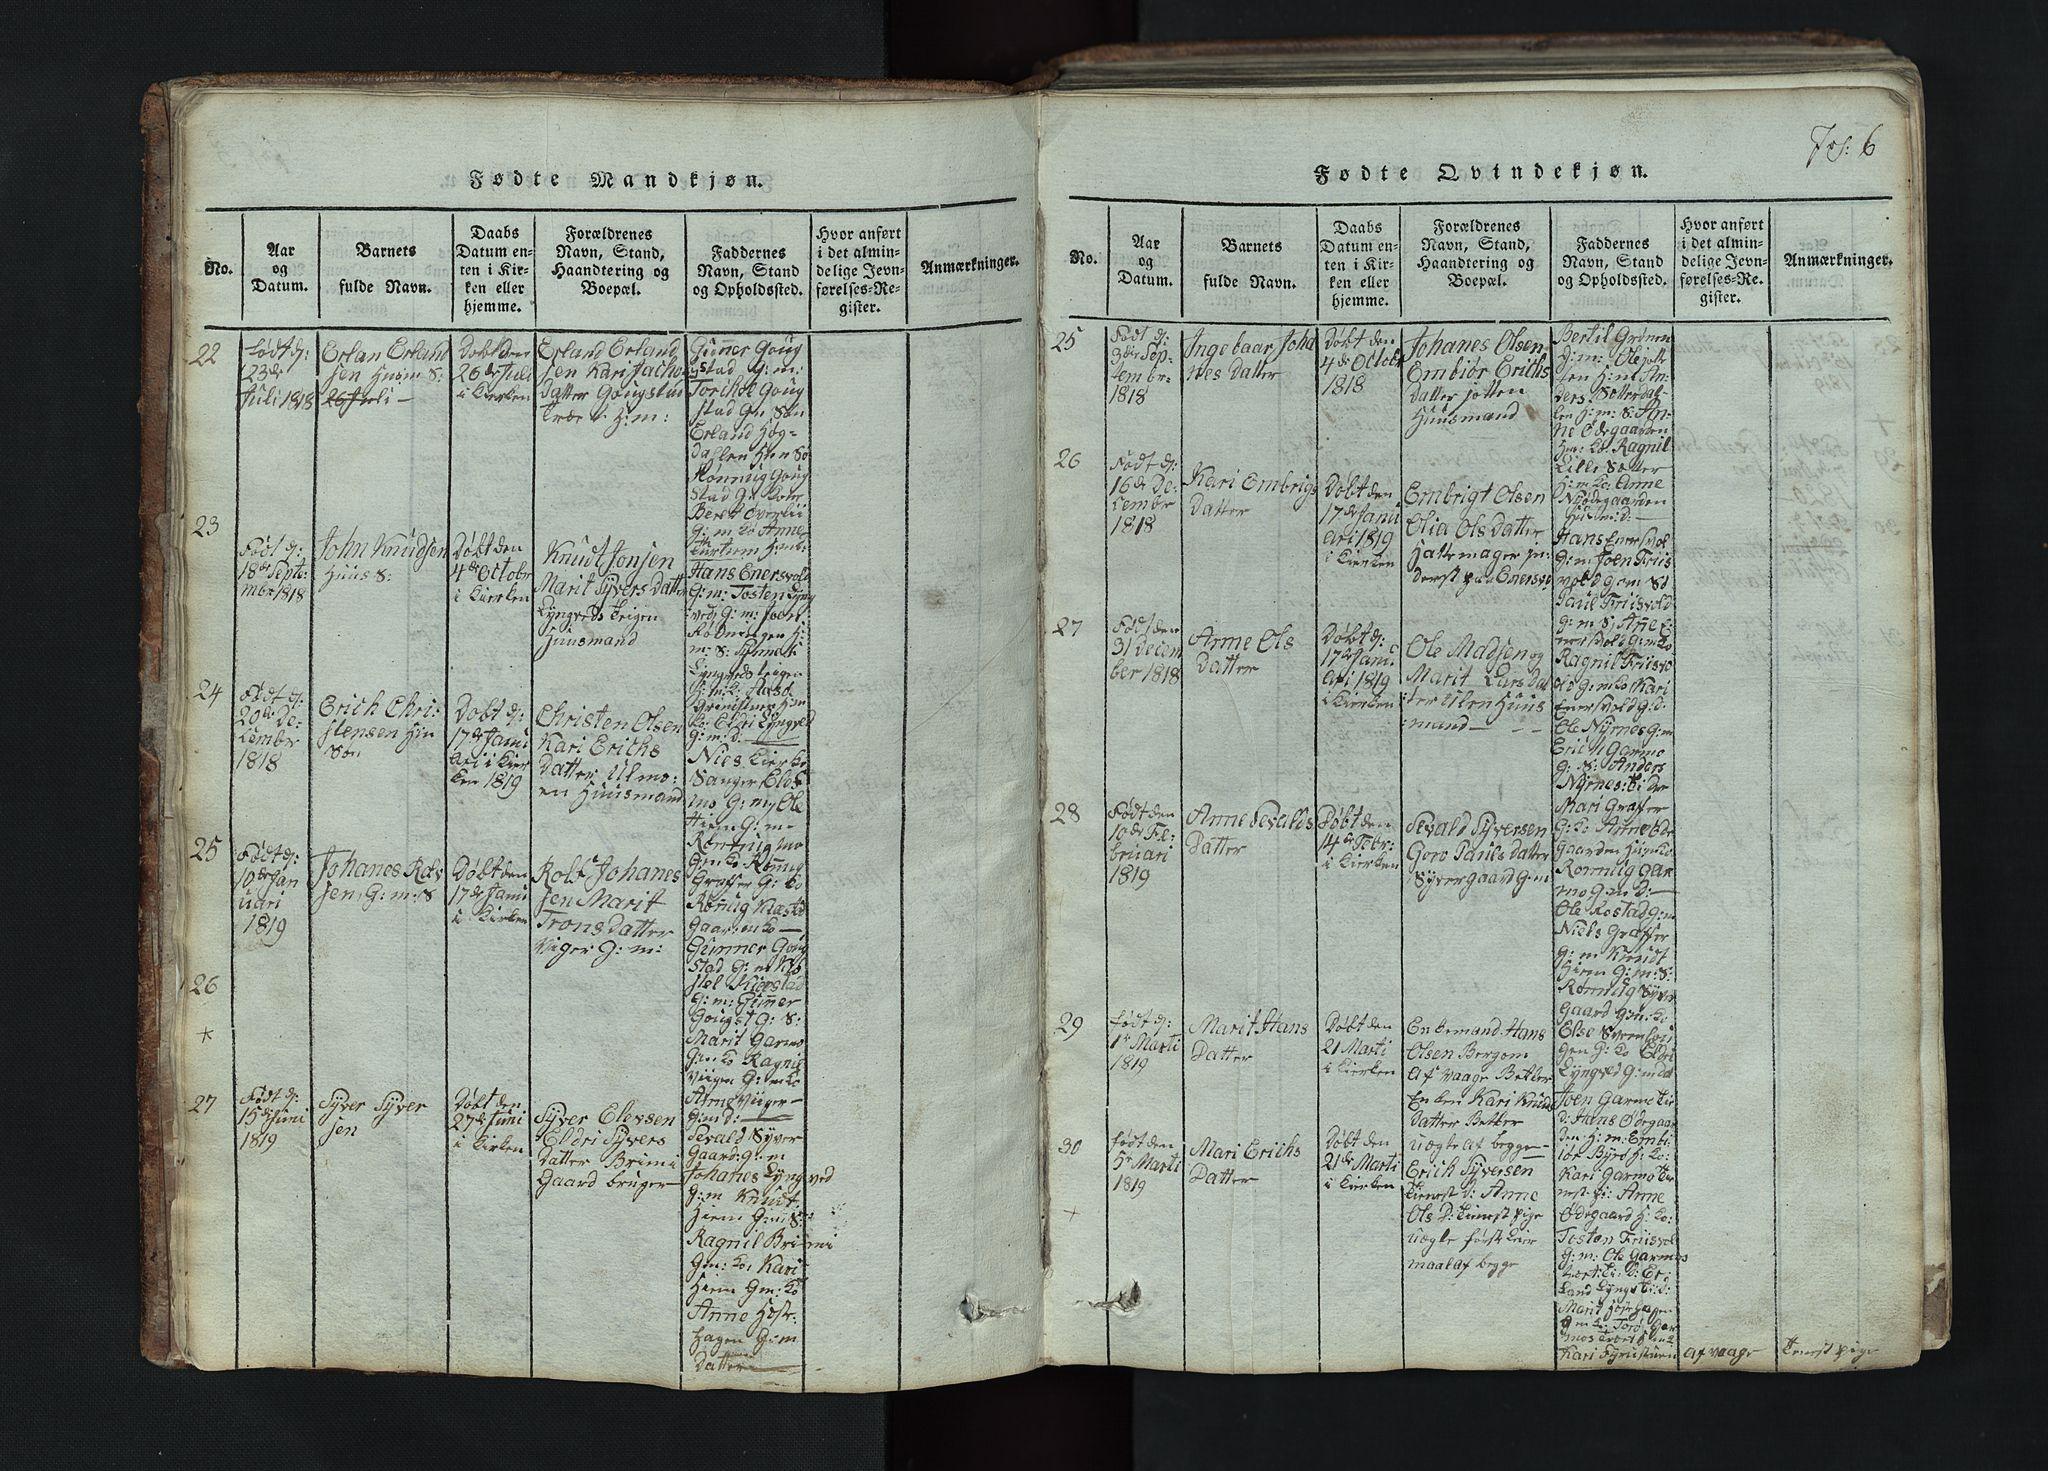 SAH, Lom prestekontor, L/L0002: Klokkerbok nr. 2, 1815-1844, s. 6